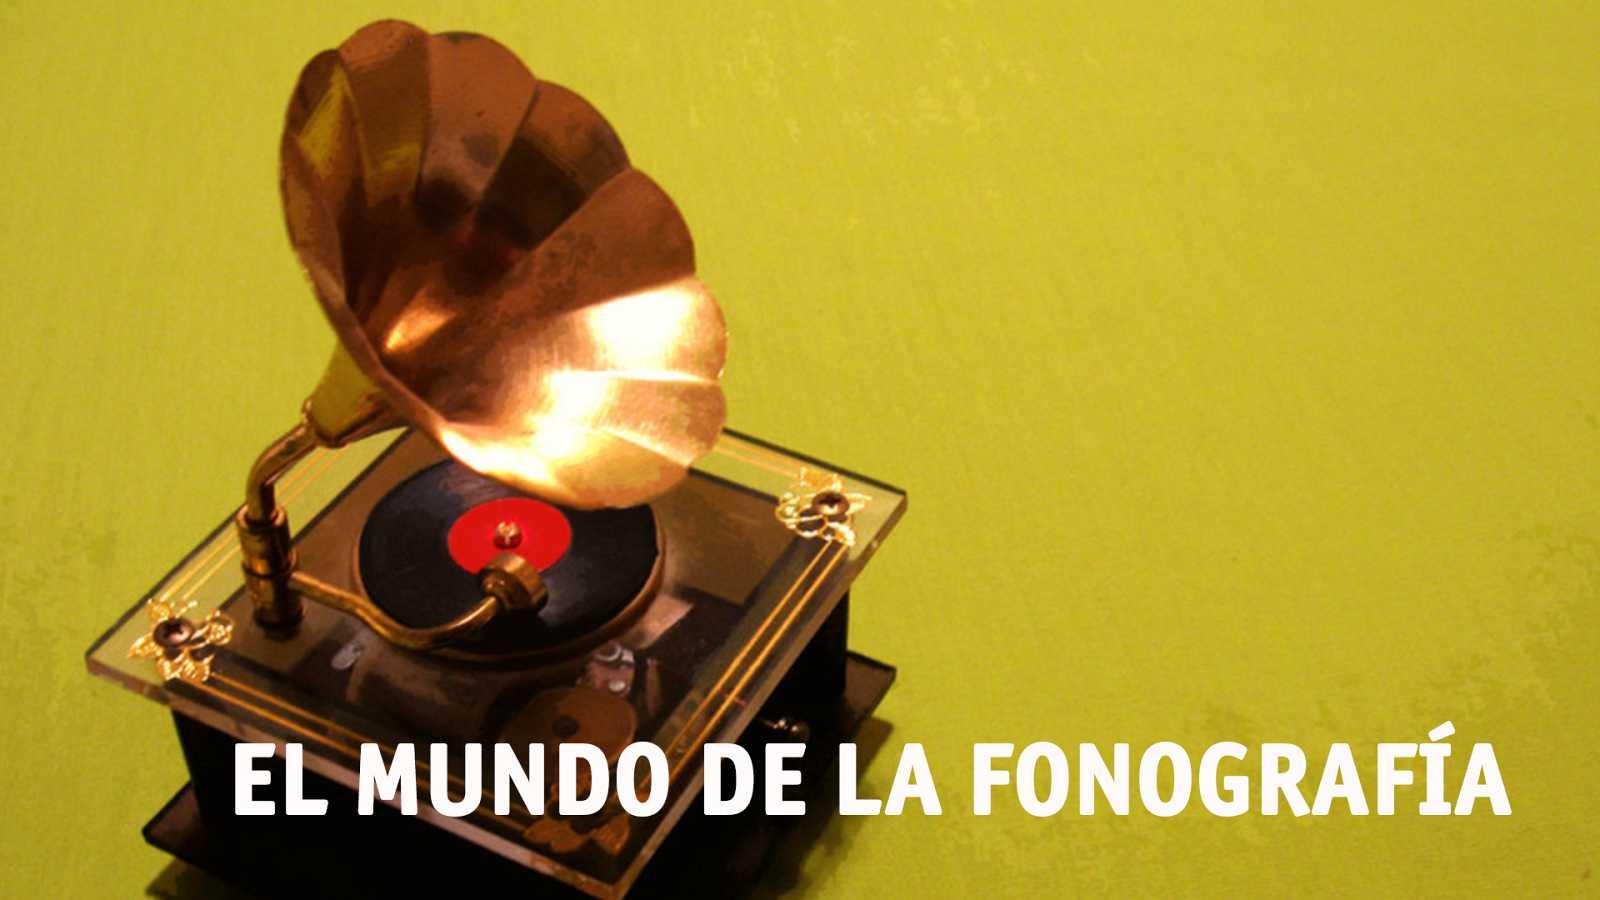 El mundo de la fonografía - 14/01/17 - escuchar ahora